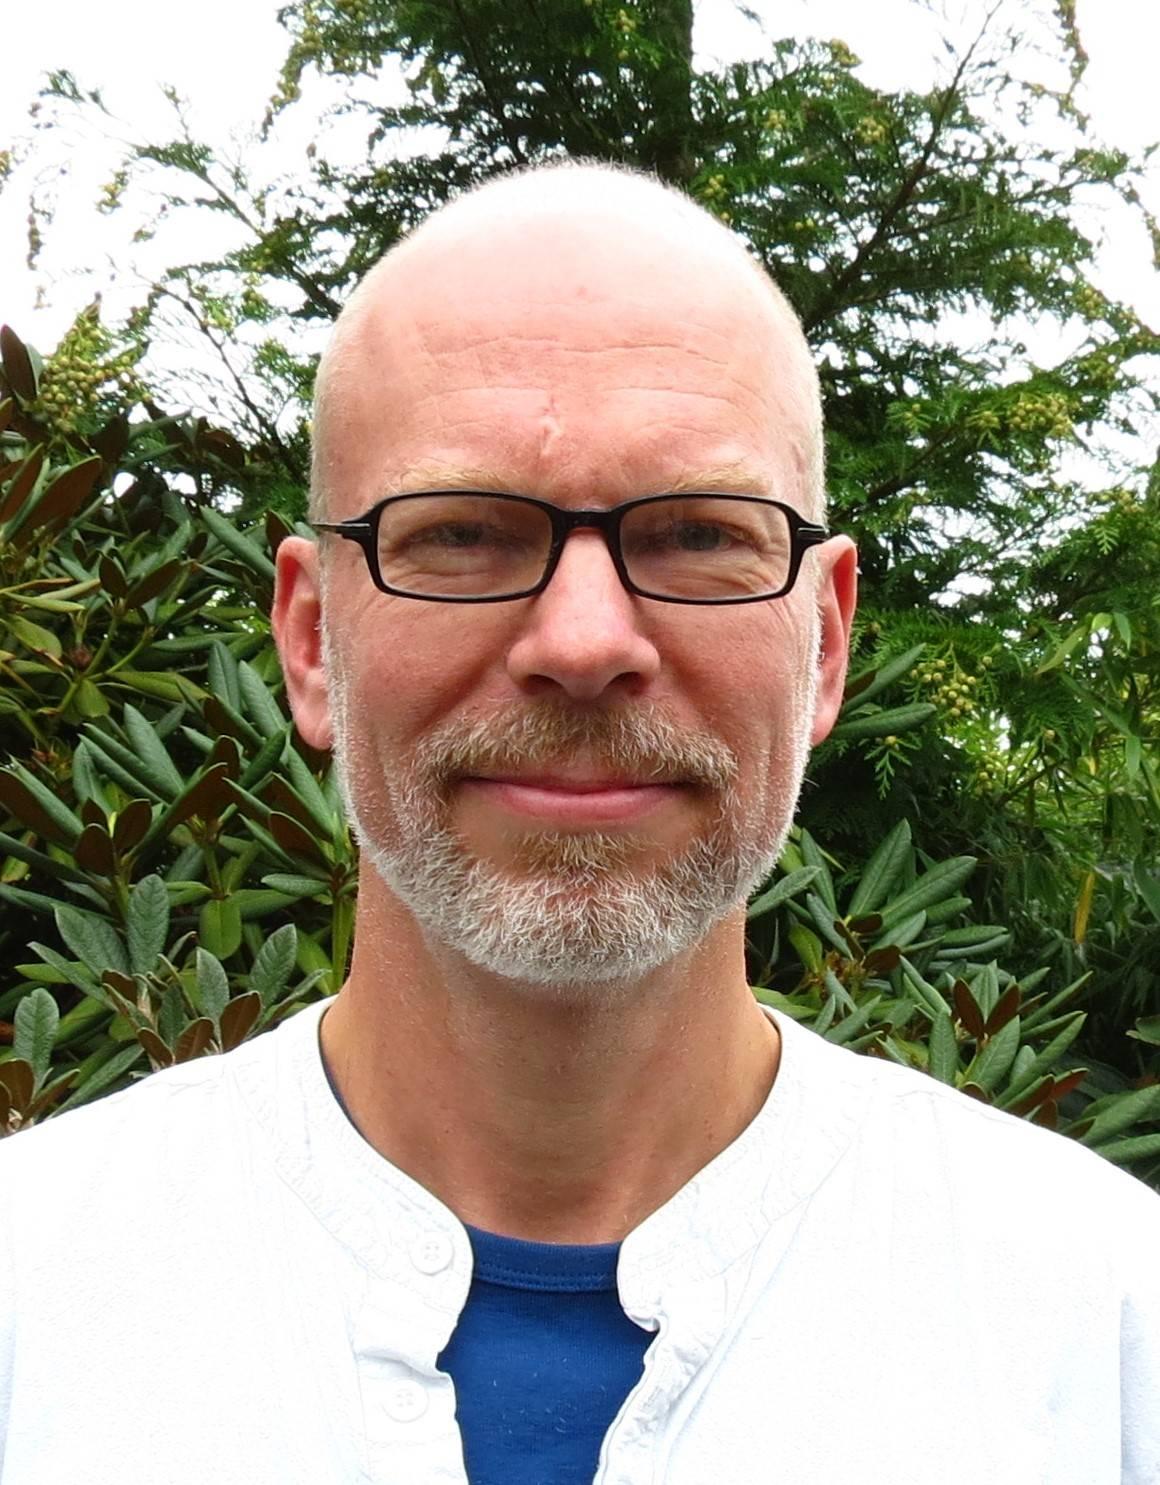 Profil af Claus Staune hypnotisøren